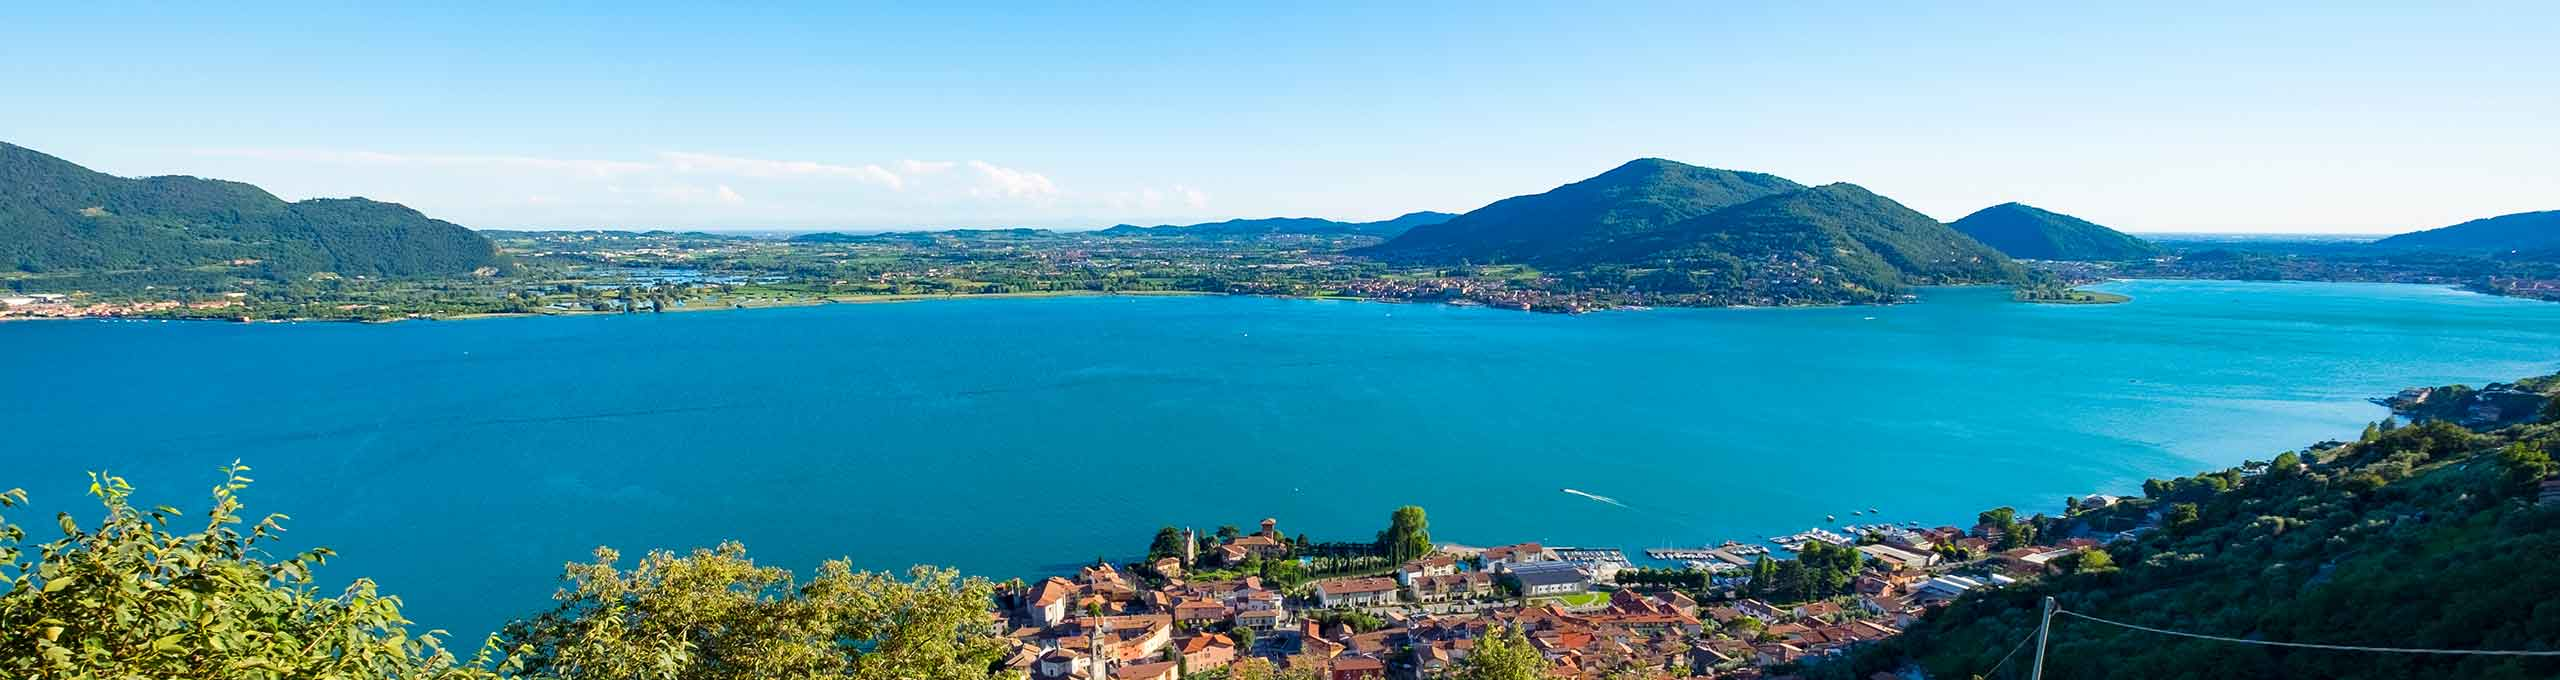 Predore, Lago D'Iseo